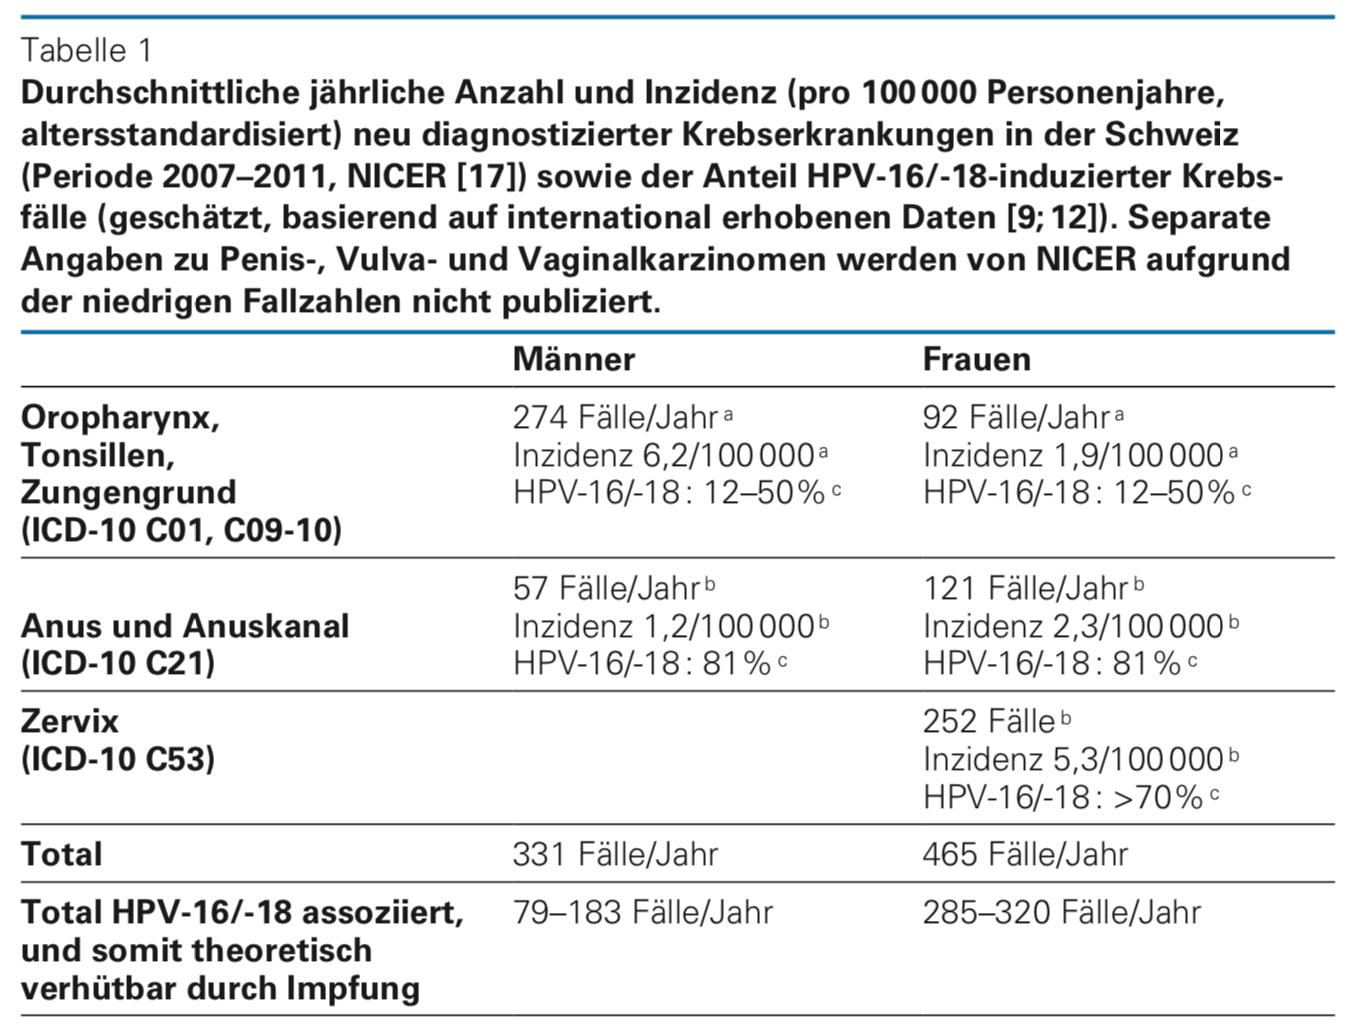 hpv papillomavirus impfung nebenwirkungen